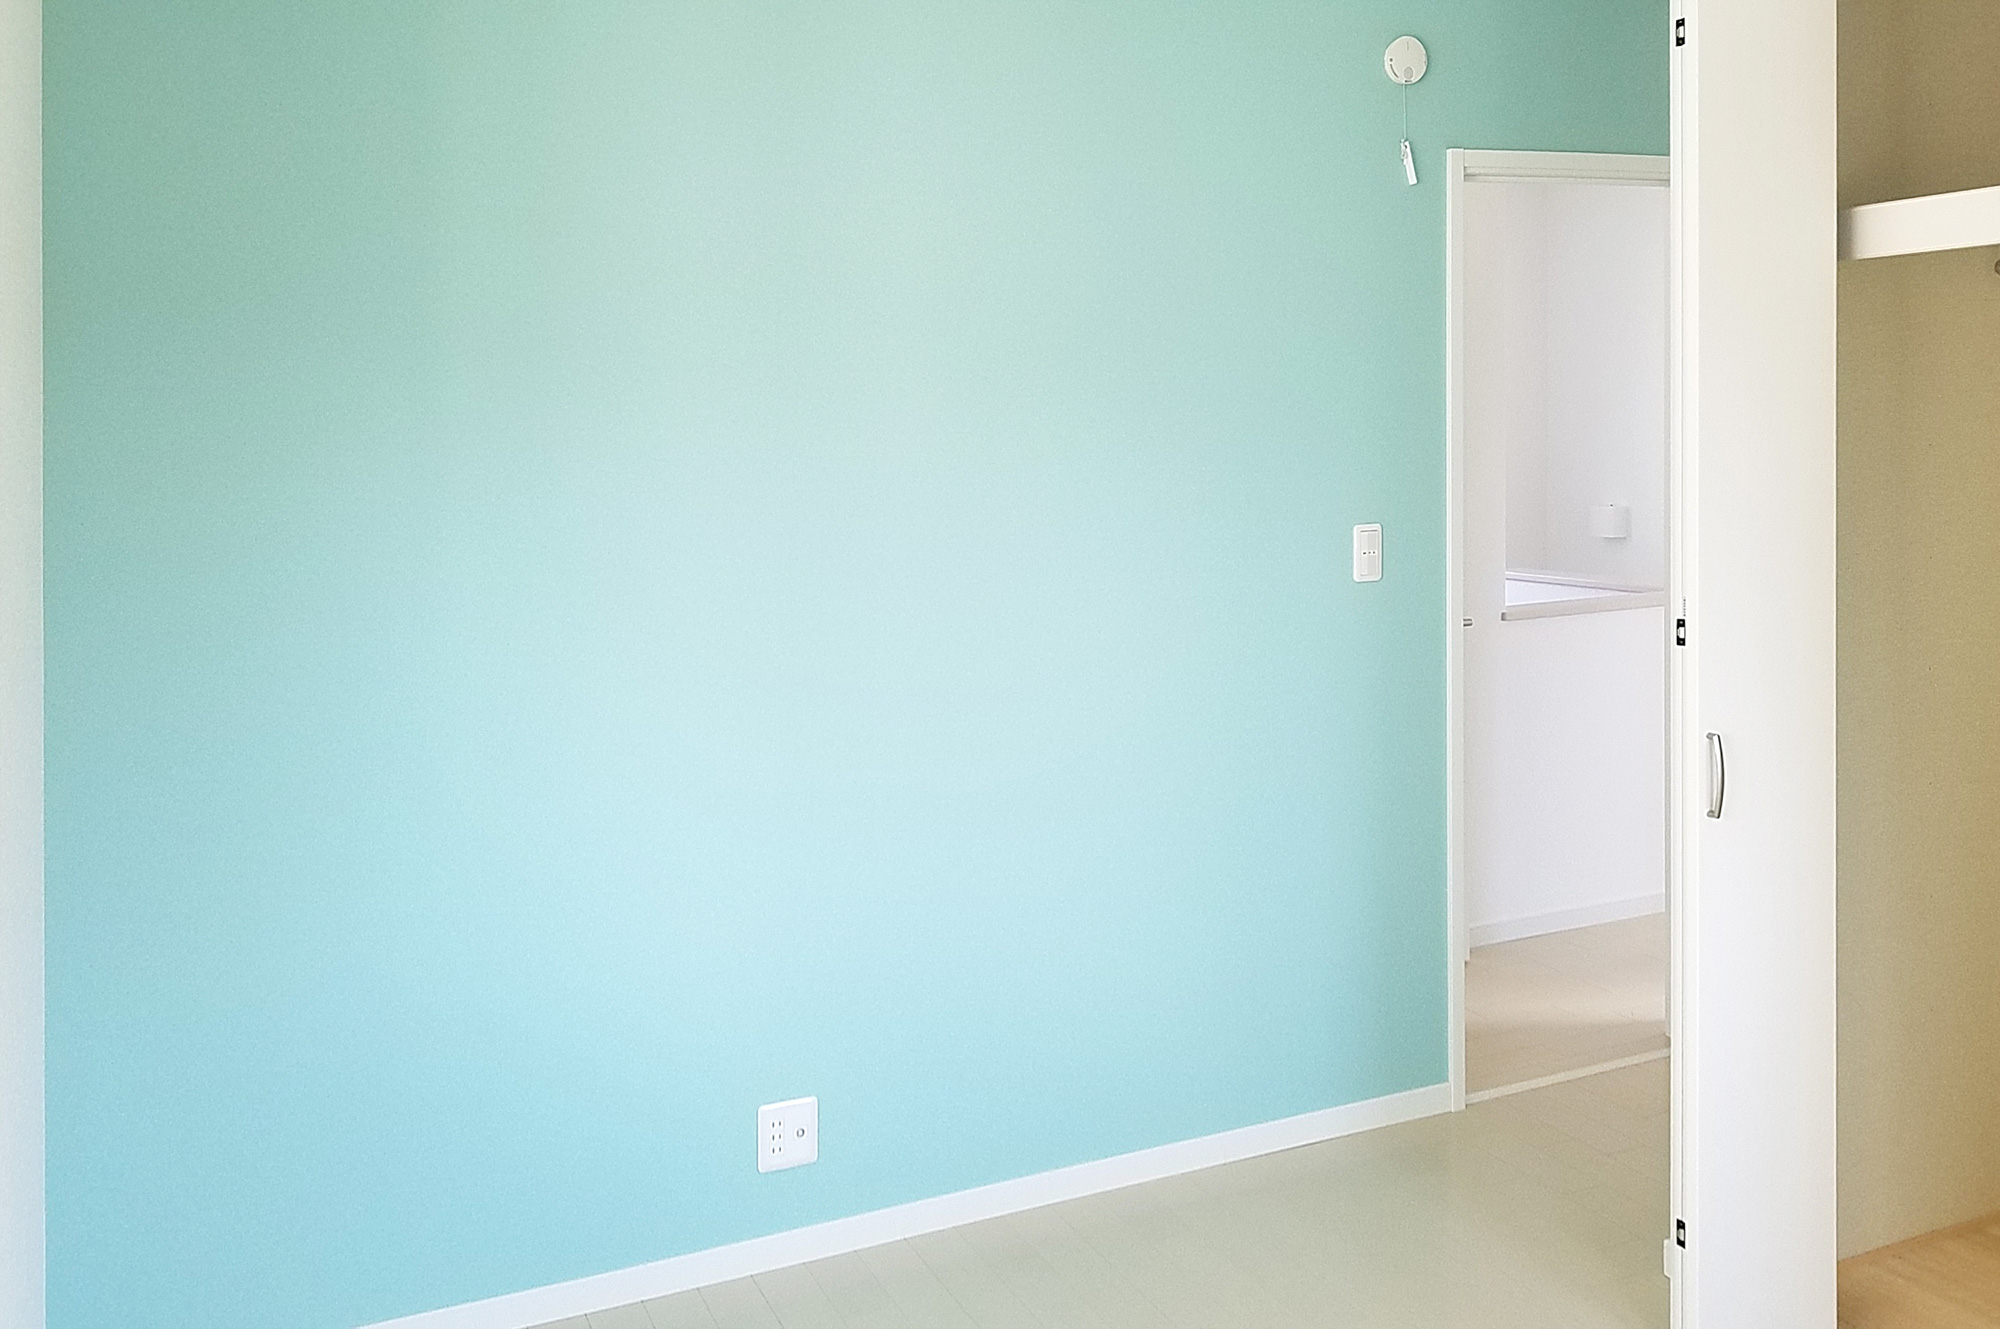 明るい水色の壁紙をアクセントにすることによって、かわいいお部屋になっています。